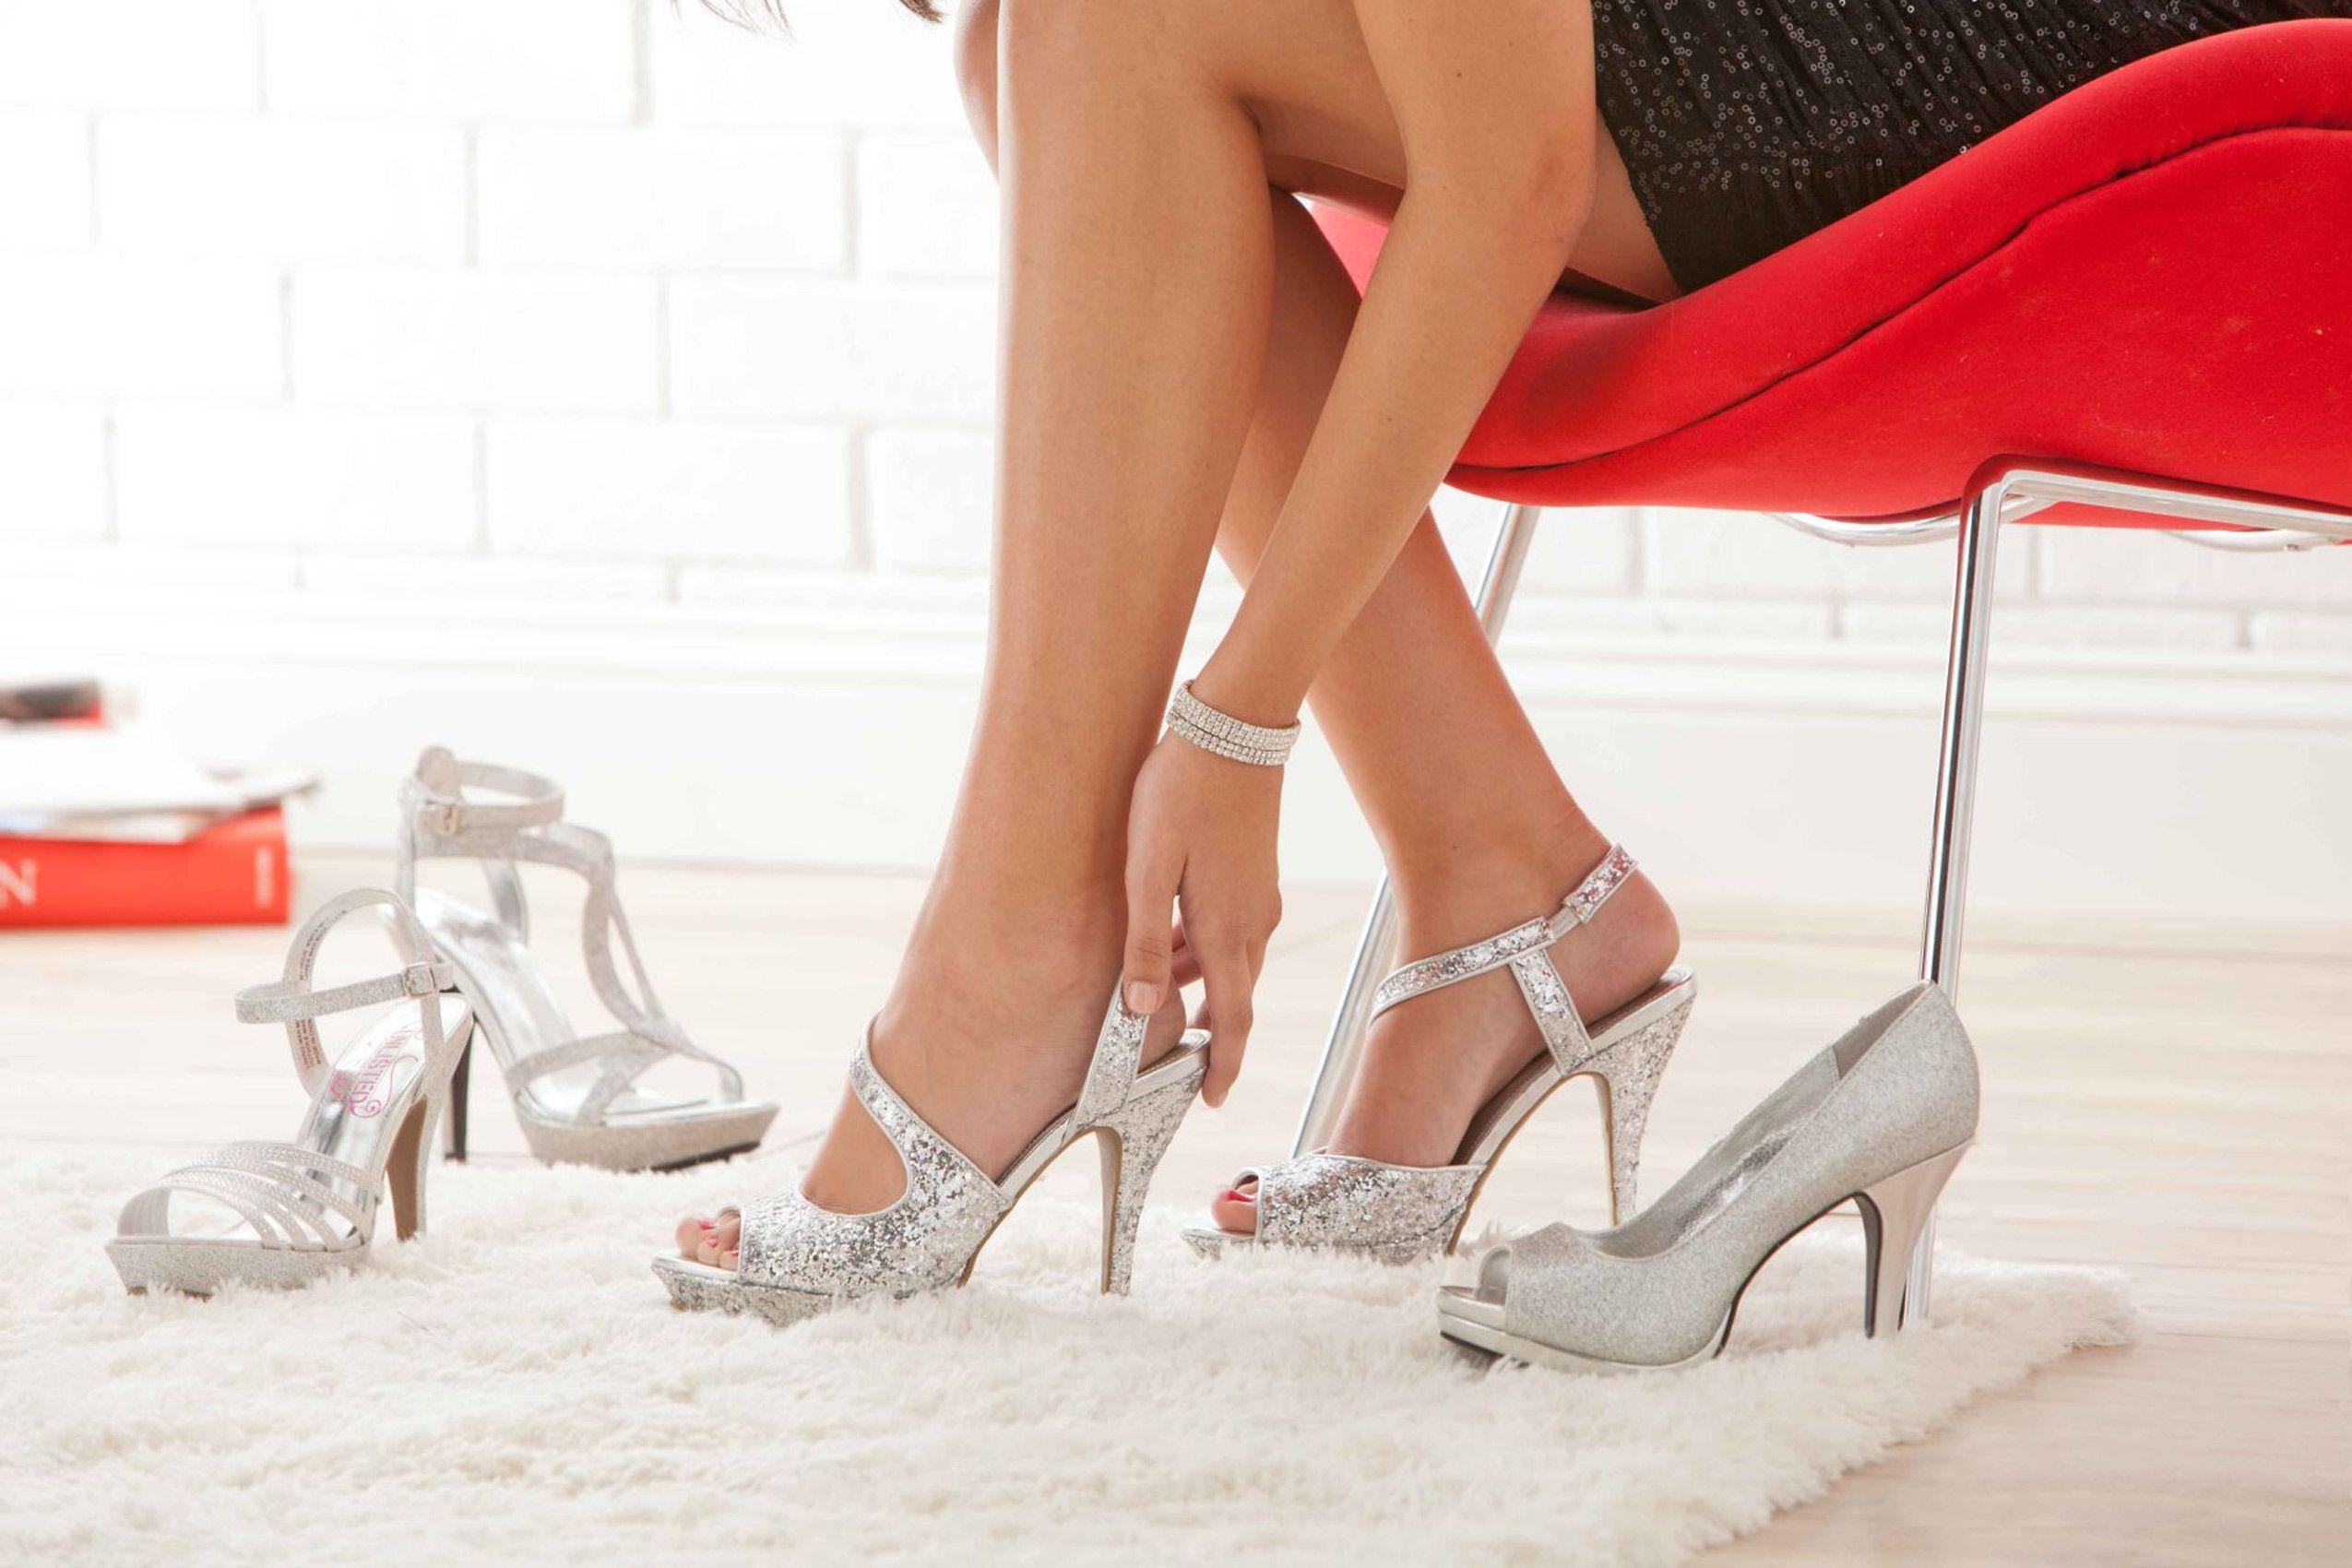 on-figure-fashion-shoes.jpg